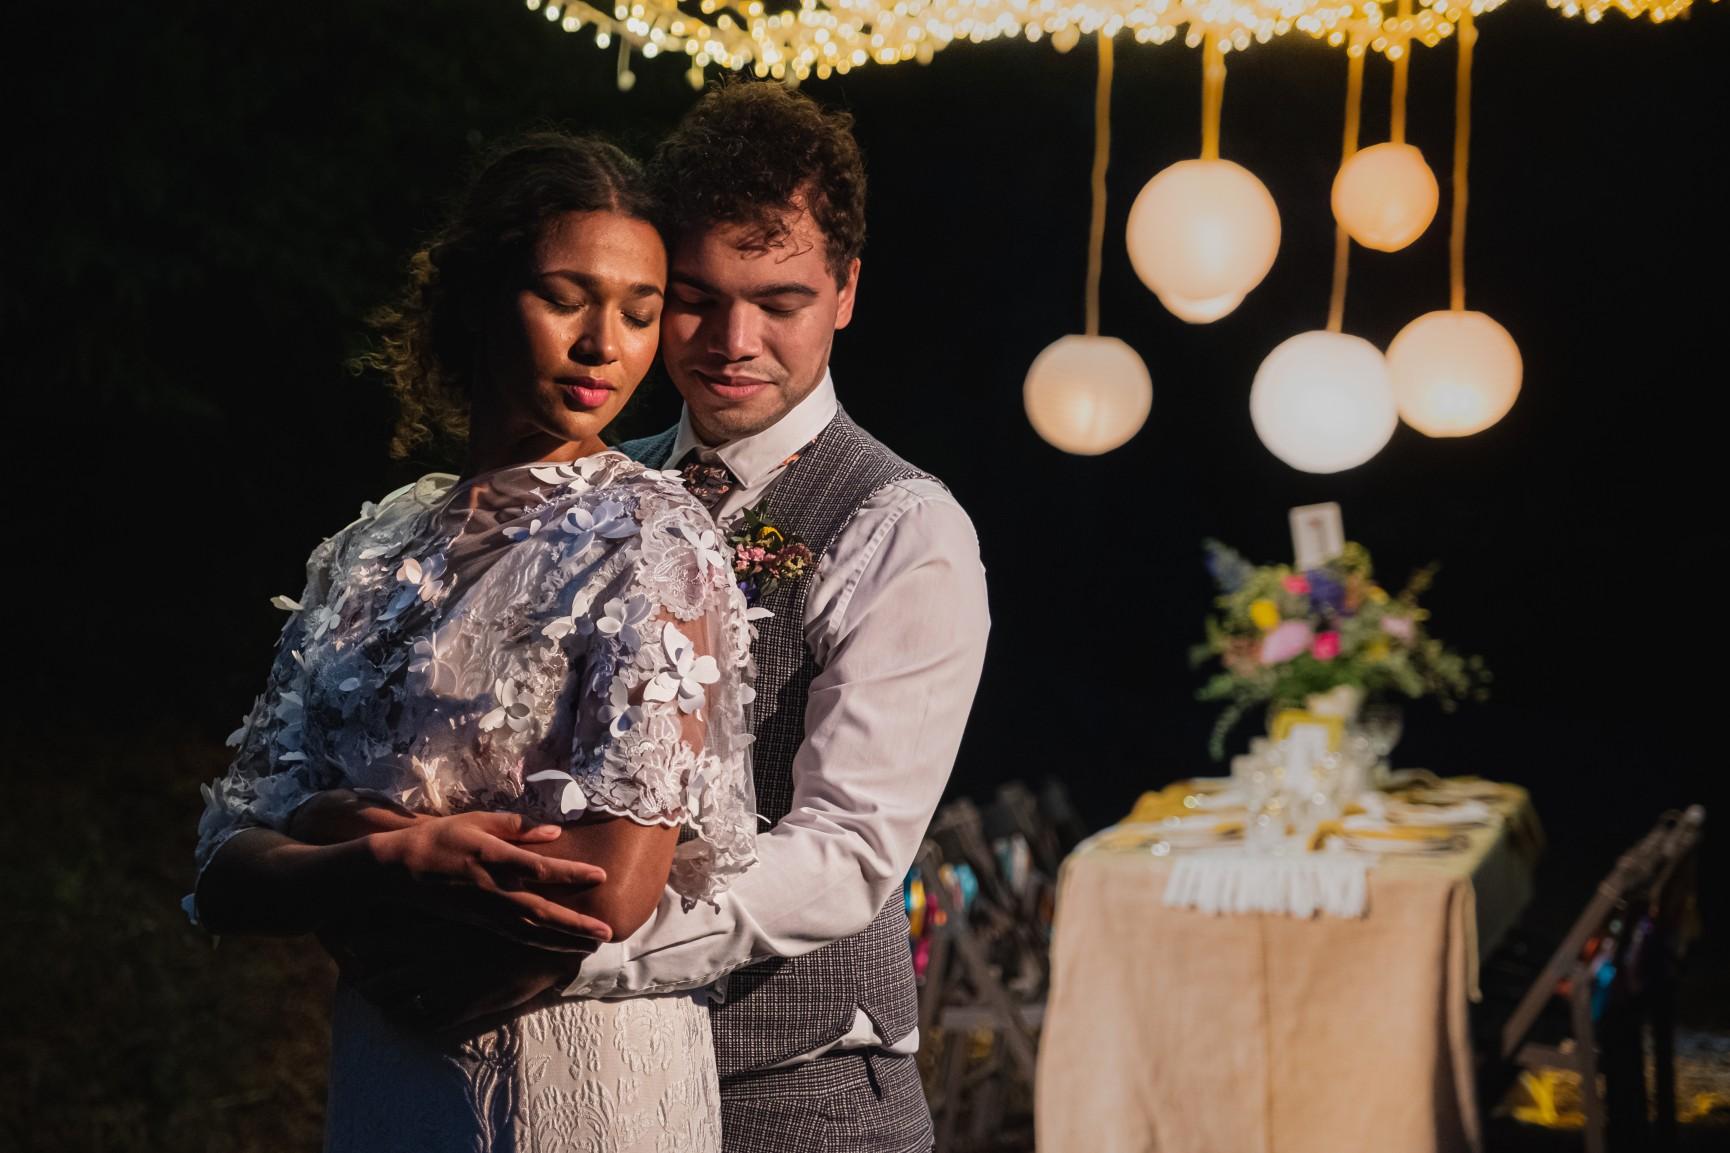 colourful micro wedding at patricks barn - boho wedding - unique wedding lighting - outdoor wedding